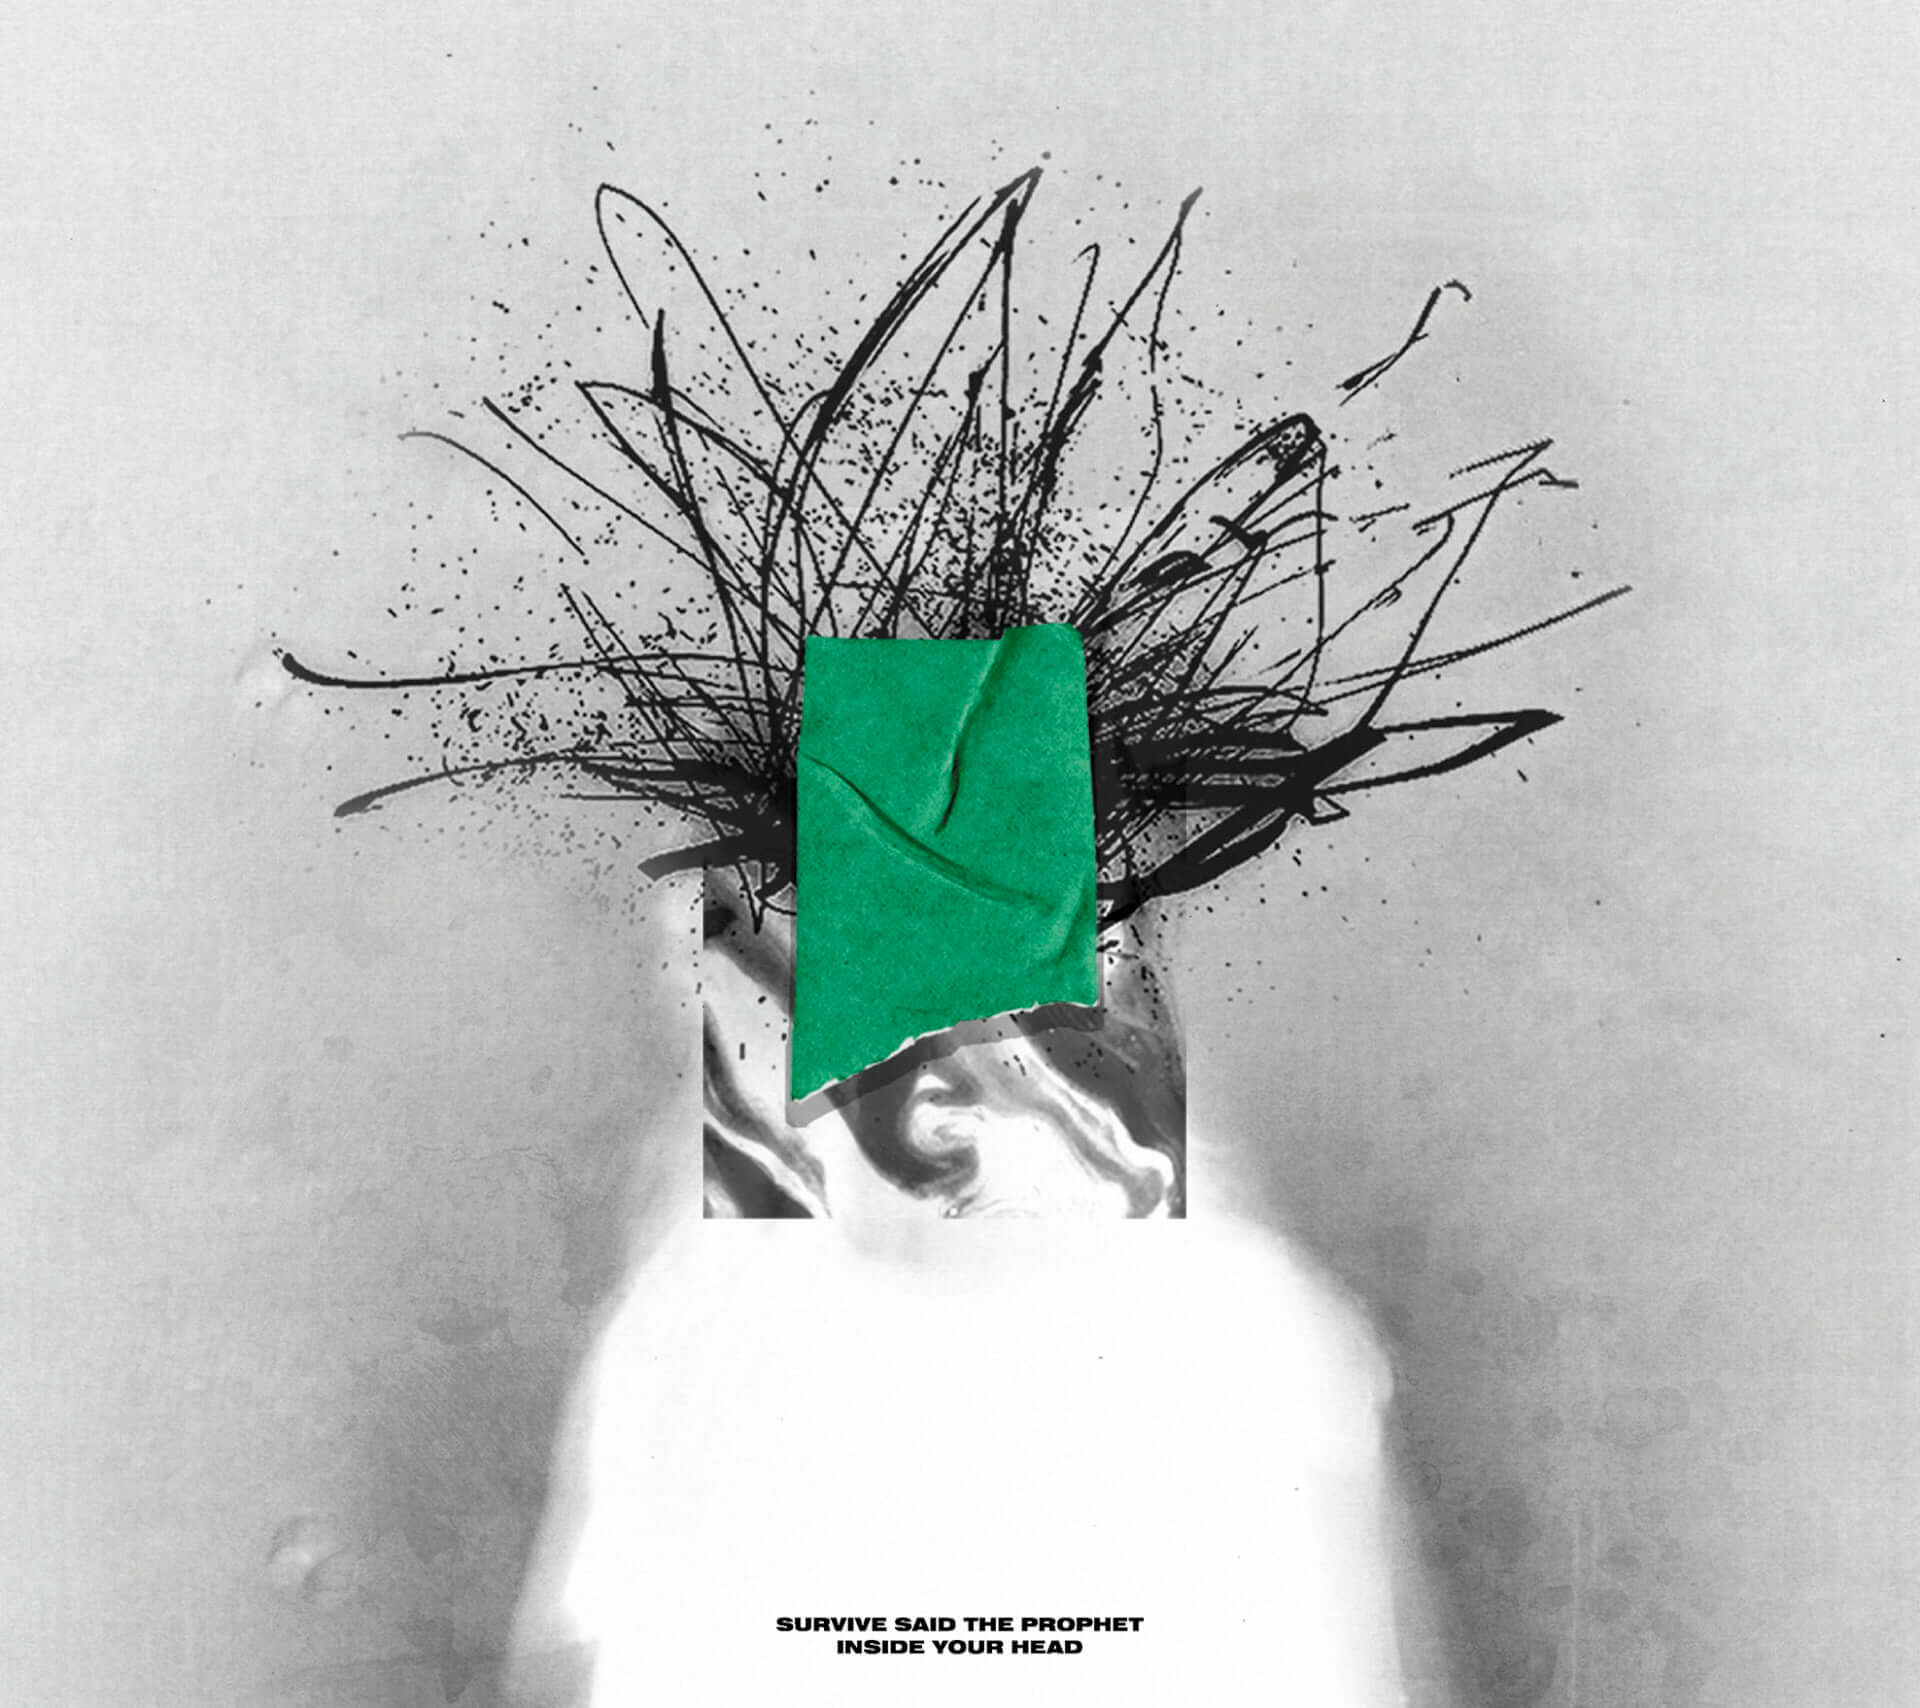 世界を虜にするSurvive Said The Prophetの最新アルバム『Inside Your Head』の全貌 music200114_survivesaidtheprophet_02-1920x1708